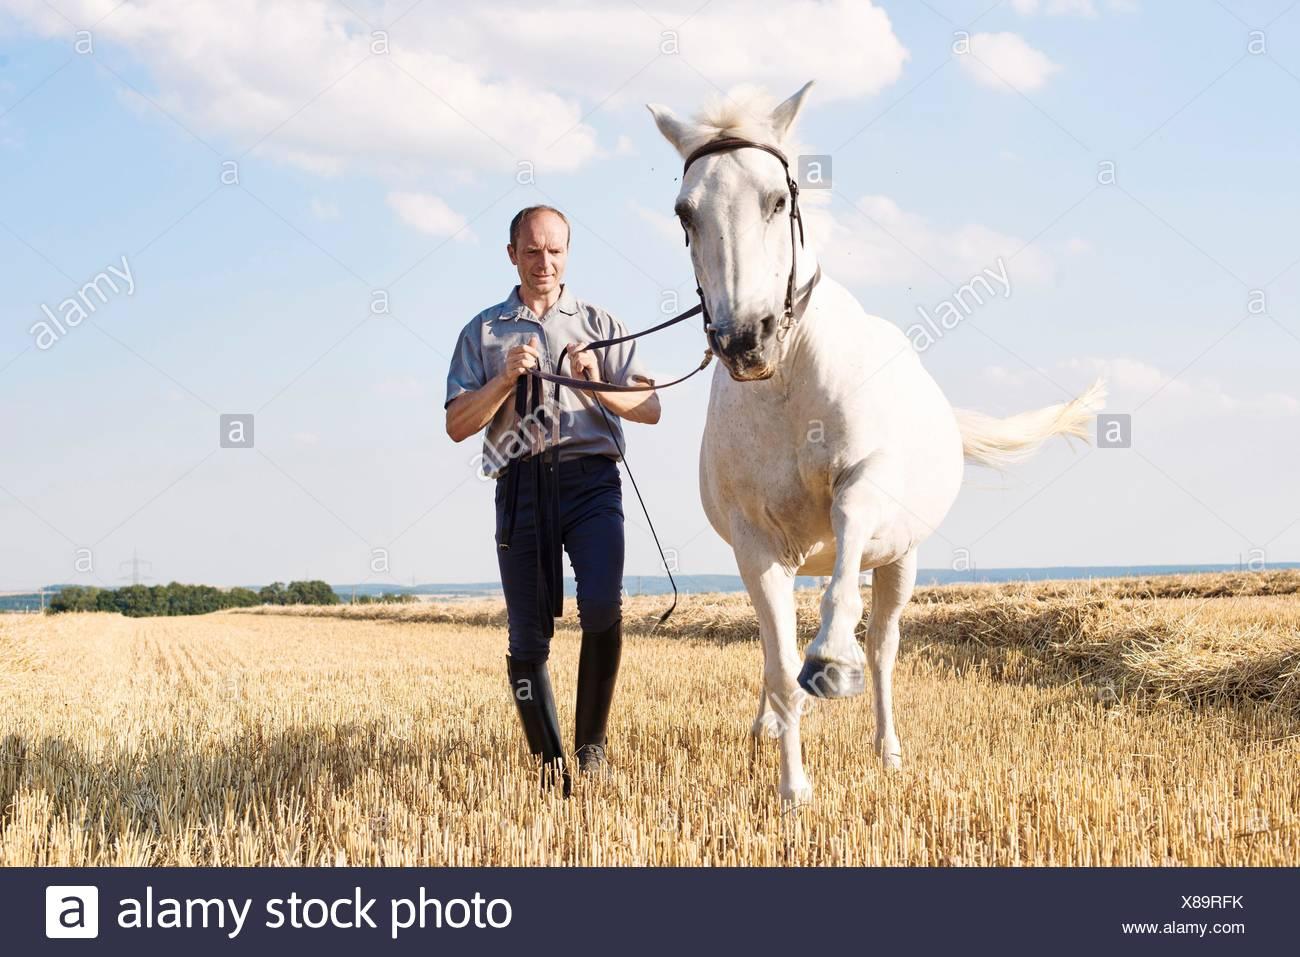 Hombre de trote formación white horse en el campo Imagen De Stock